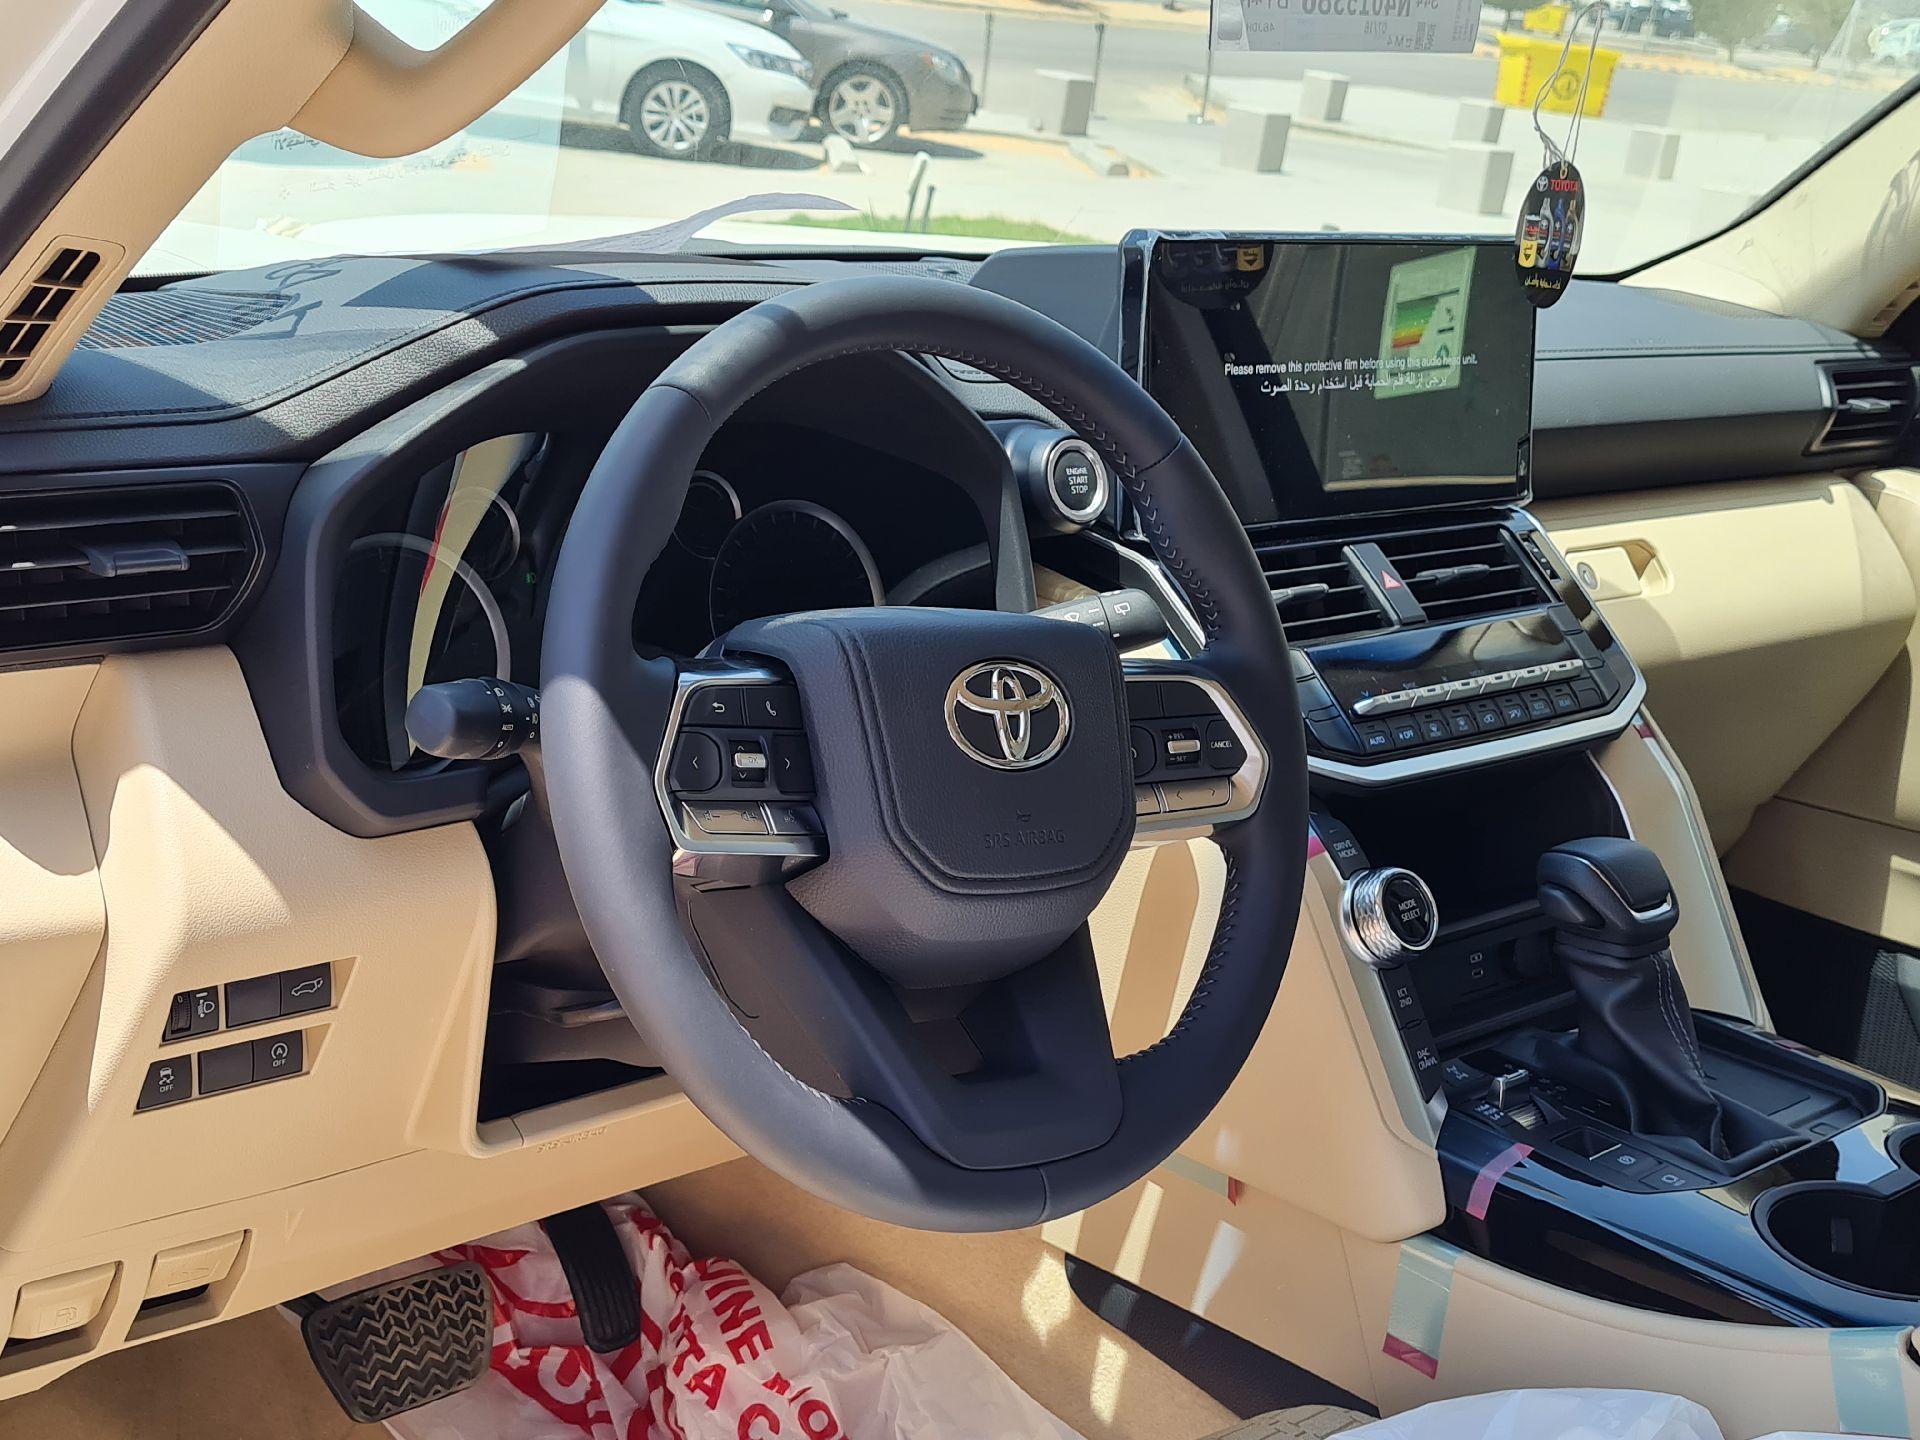 تويوتا لاندكروزر GXR-L3 2022 كشافات  سعودي للبيع في الرياض - السعودية - صورة كبيرة - 7